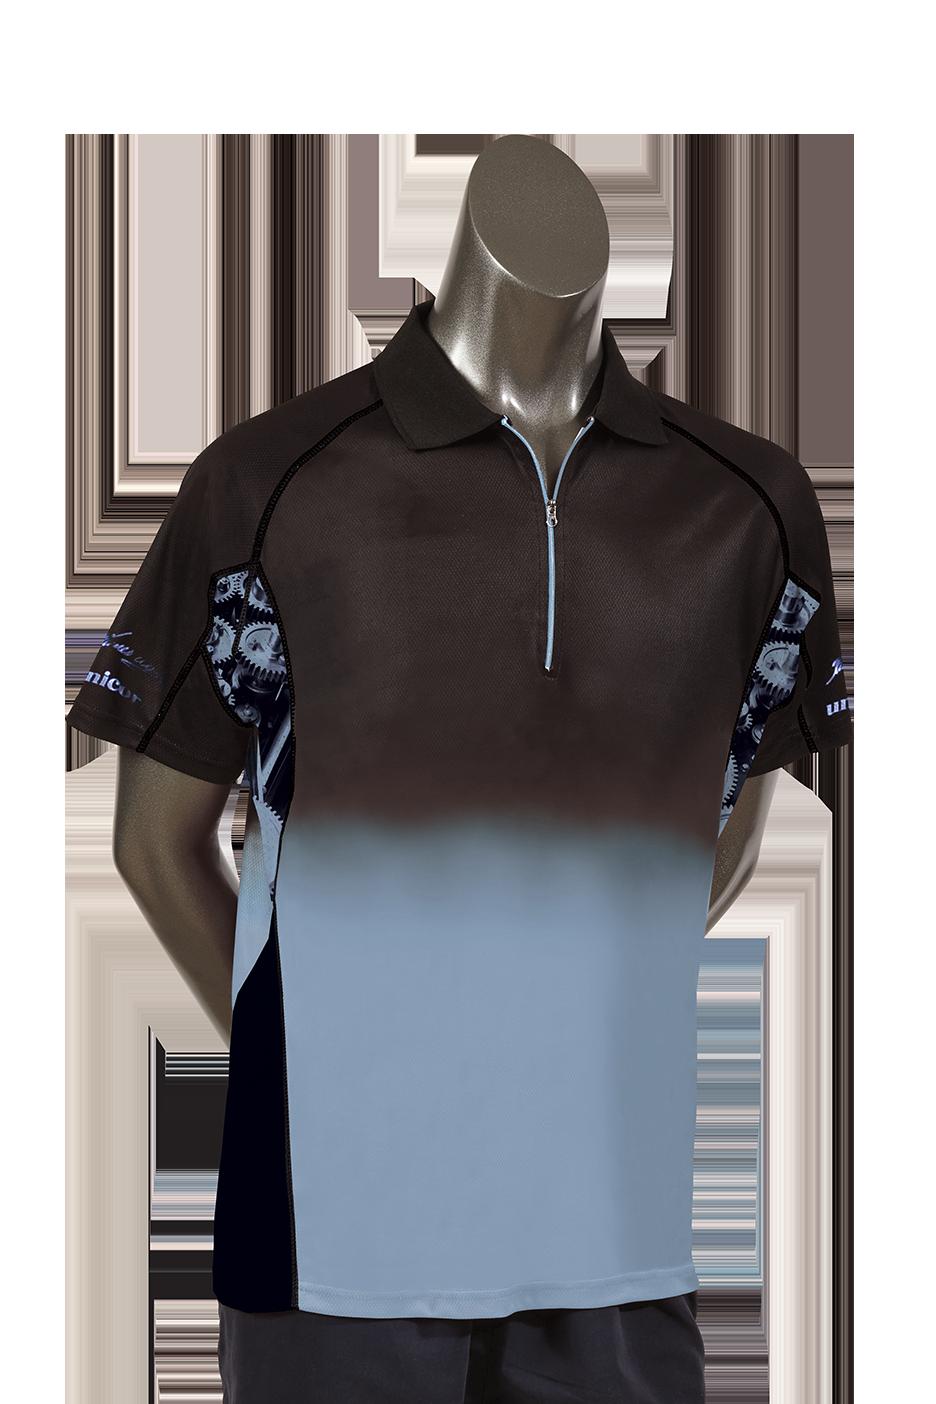 Player Dart Shirt - James Wade